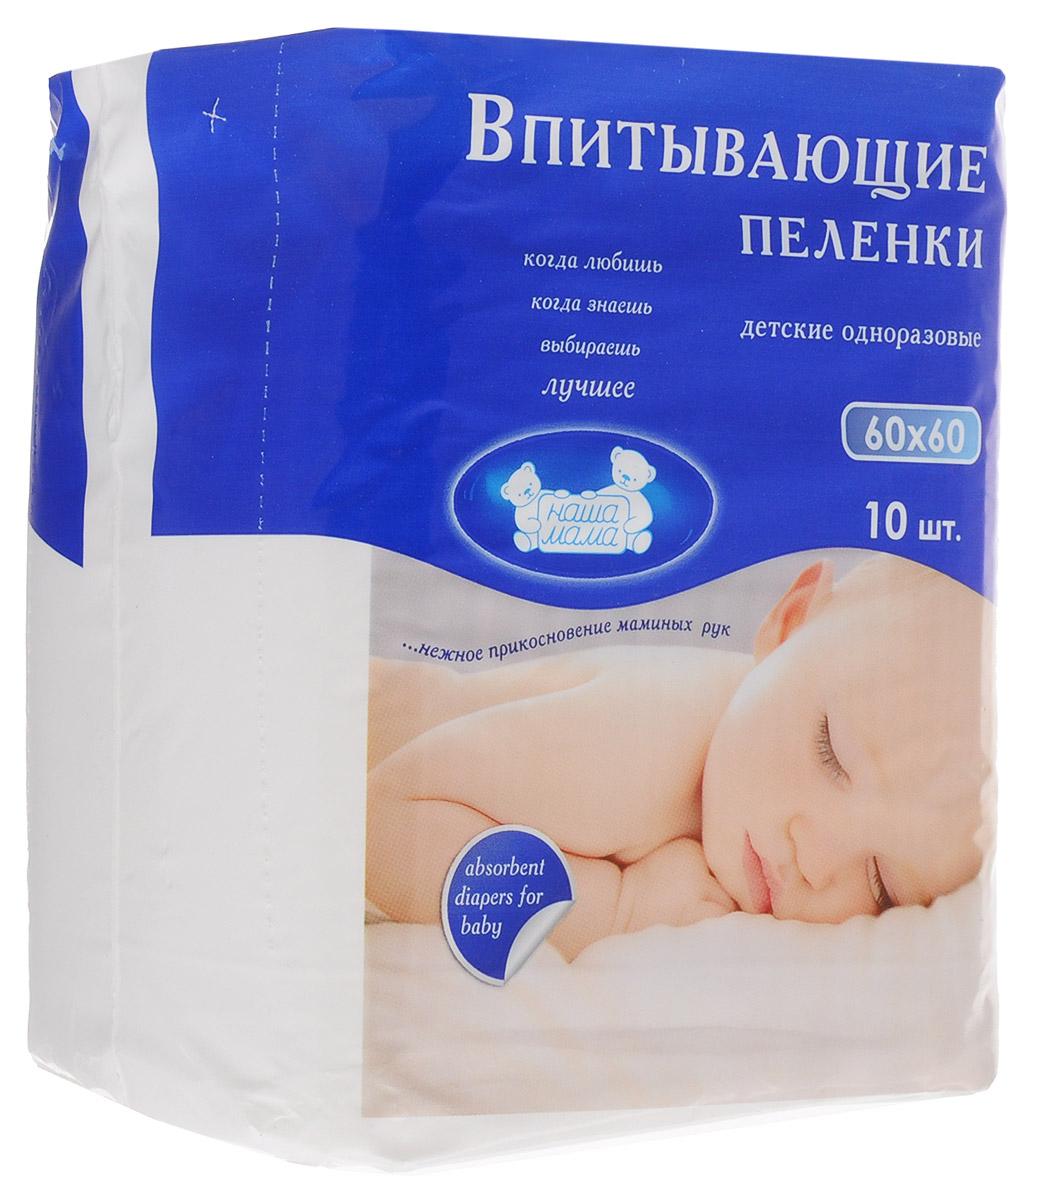 Наша Мама Пеленки впитывающие одноразовые детские 60 см х 60 см 10 шт одноразовые пеленки цена в аптеке поштучно